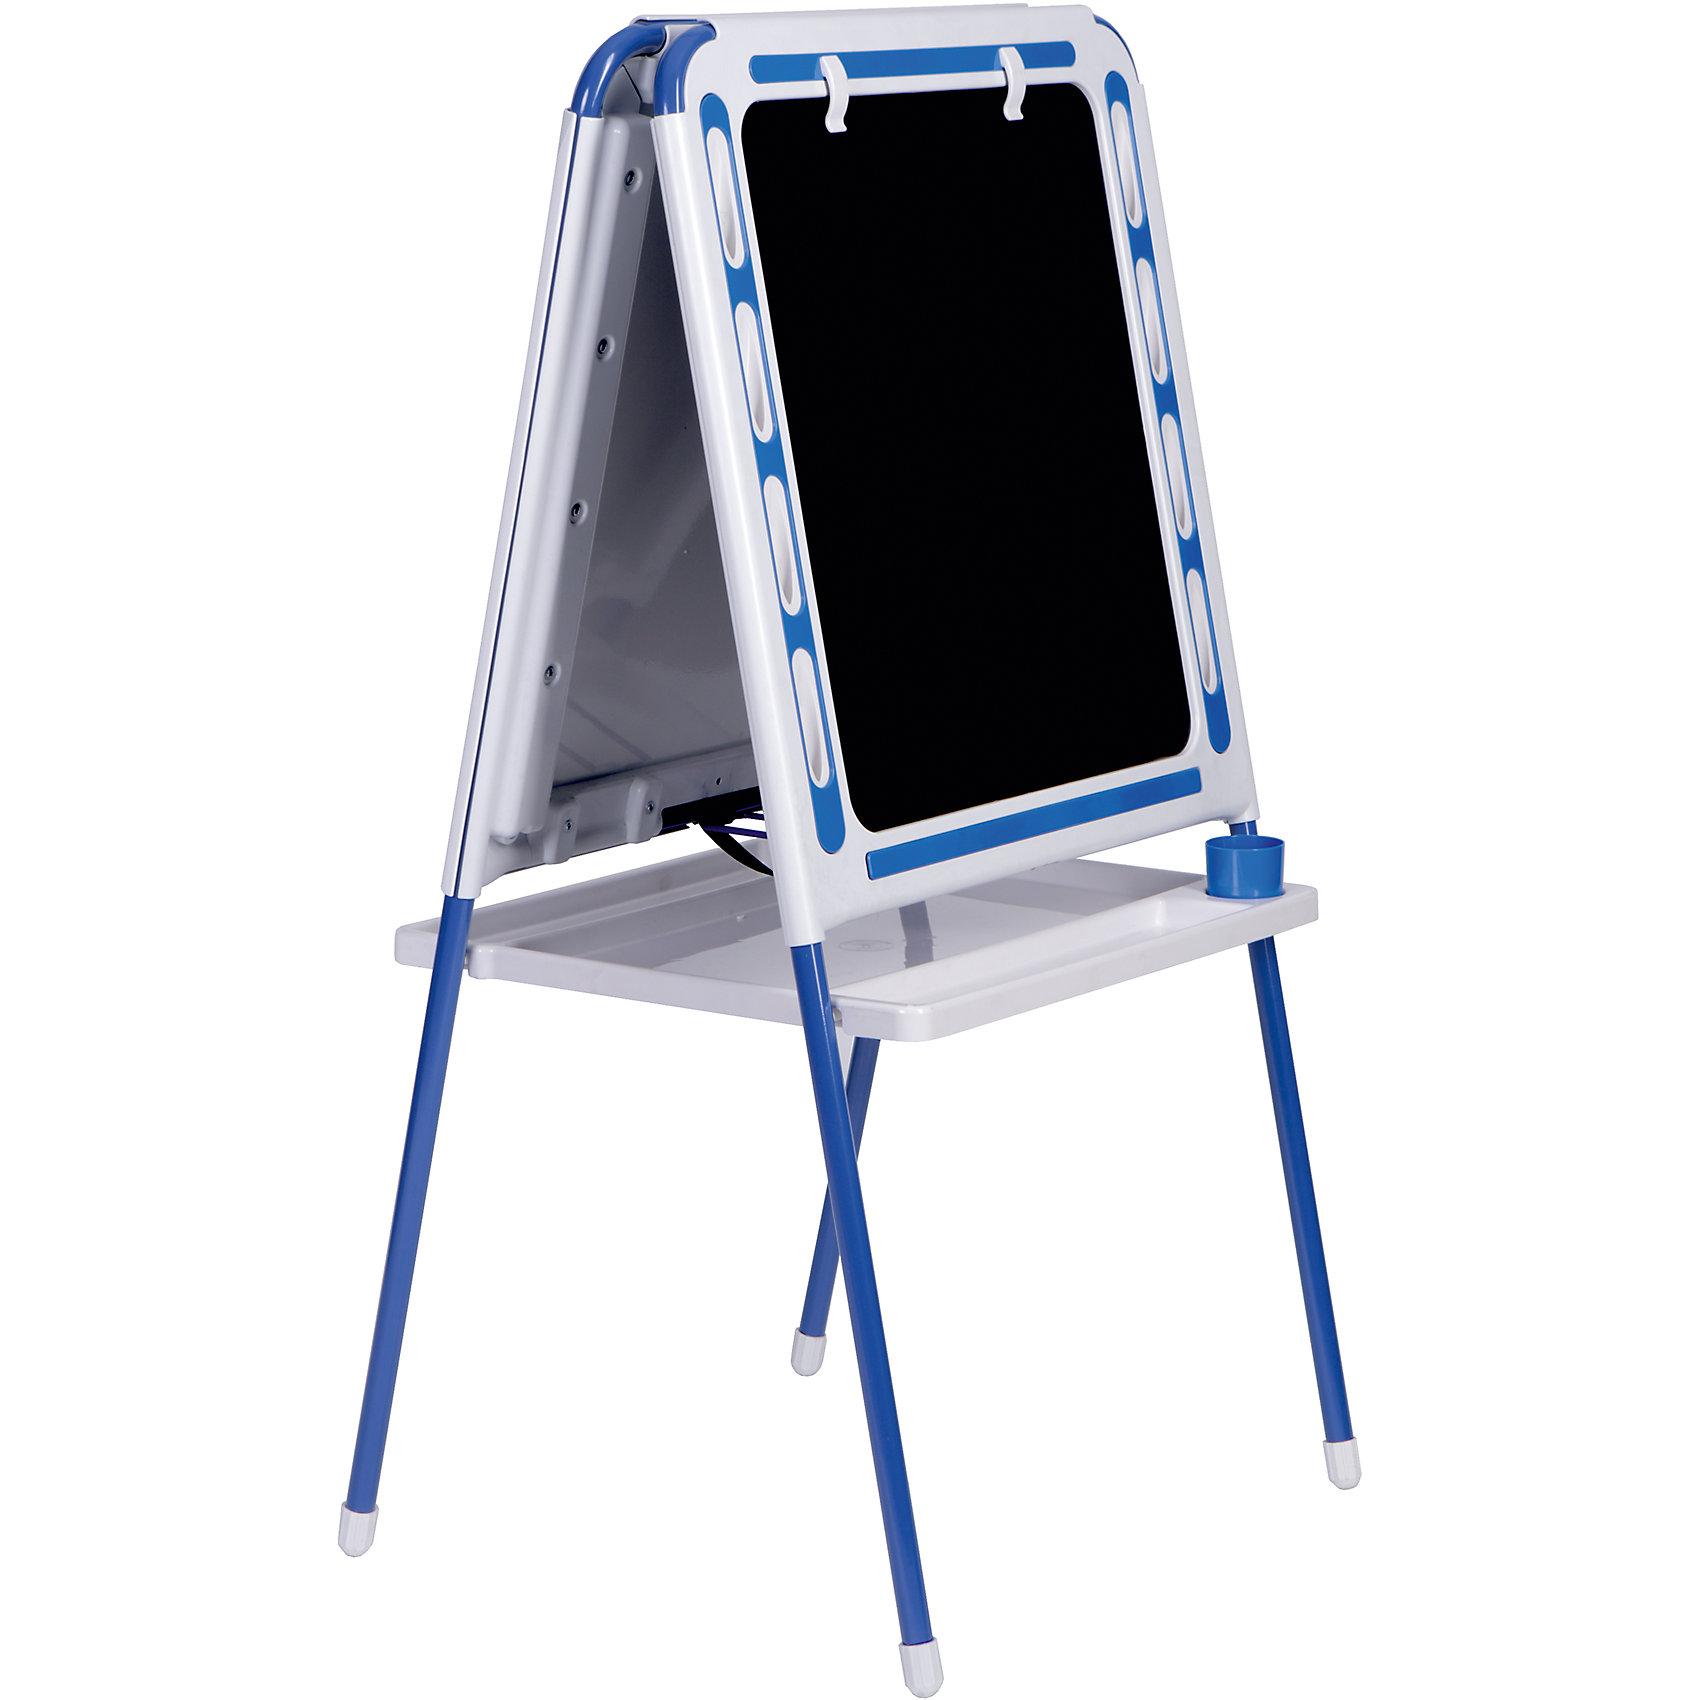 Синий мольбертСиний мольберт – это мольберт с двумя рабочими поверхностями, предназначенный для детского творчества и развития.<br>Современный, функциональный и очень удобный мольберт - это универсальный уголок для рисования и обучения у вас дома. Двойная доска устанавливается «домиком» прямо на пол и не требует дополнительных креплений. На металлических ножках – пластмассовые заглушки. Мольберт спроектирован особым образом: он может  использоваться двумя детьми одновременно. С обеих сторон мольберта есть удобные зажимы для бумаги. В комплект входят два стаканчика для рисования, большая полка для альбомов и красок. Мольберт подходит для работы красками, мелом, карандашами и маркерами. Юный художник по достоинству оценит удобные пазы-подставки для канцелярских принадлежностей, расположенные прямо на рамке мольберта, слева и справа от его рабочей поверхности. Углы мольберта скруглены для снижения травматичности ребенка.<br><br>Дополнительная информация:<br><br>- В комплекте: мольберт, два стаканчика для рисования, полка<br>- Цвет: белый, синий<br>- Материал: пластик, металл<br>- Размер: 100,5х48 см.<br>- Размер упаковки: 112х55х70 см.<br>- Вес: 14,2 кг.<br><br>Синий мольберт можно купить в нашем интернет-магазине.<br><br>Ширина мм: 1220<br>Глубина мм: 650<br>Высота мм: 110<br>Вес г: 14200<br>Возраст от месяцев: -2147483648<br>Возраст до месяцев: 2147483647<br>Пол: Унисекс<br>Возраст: Детский<br>SKU: 4589688